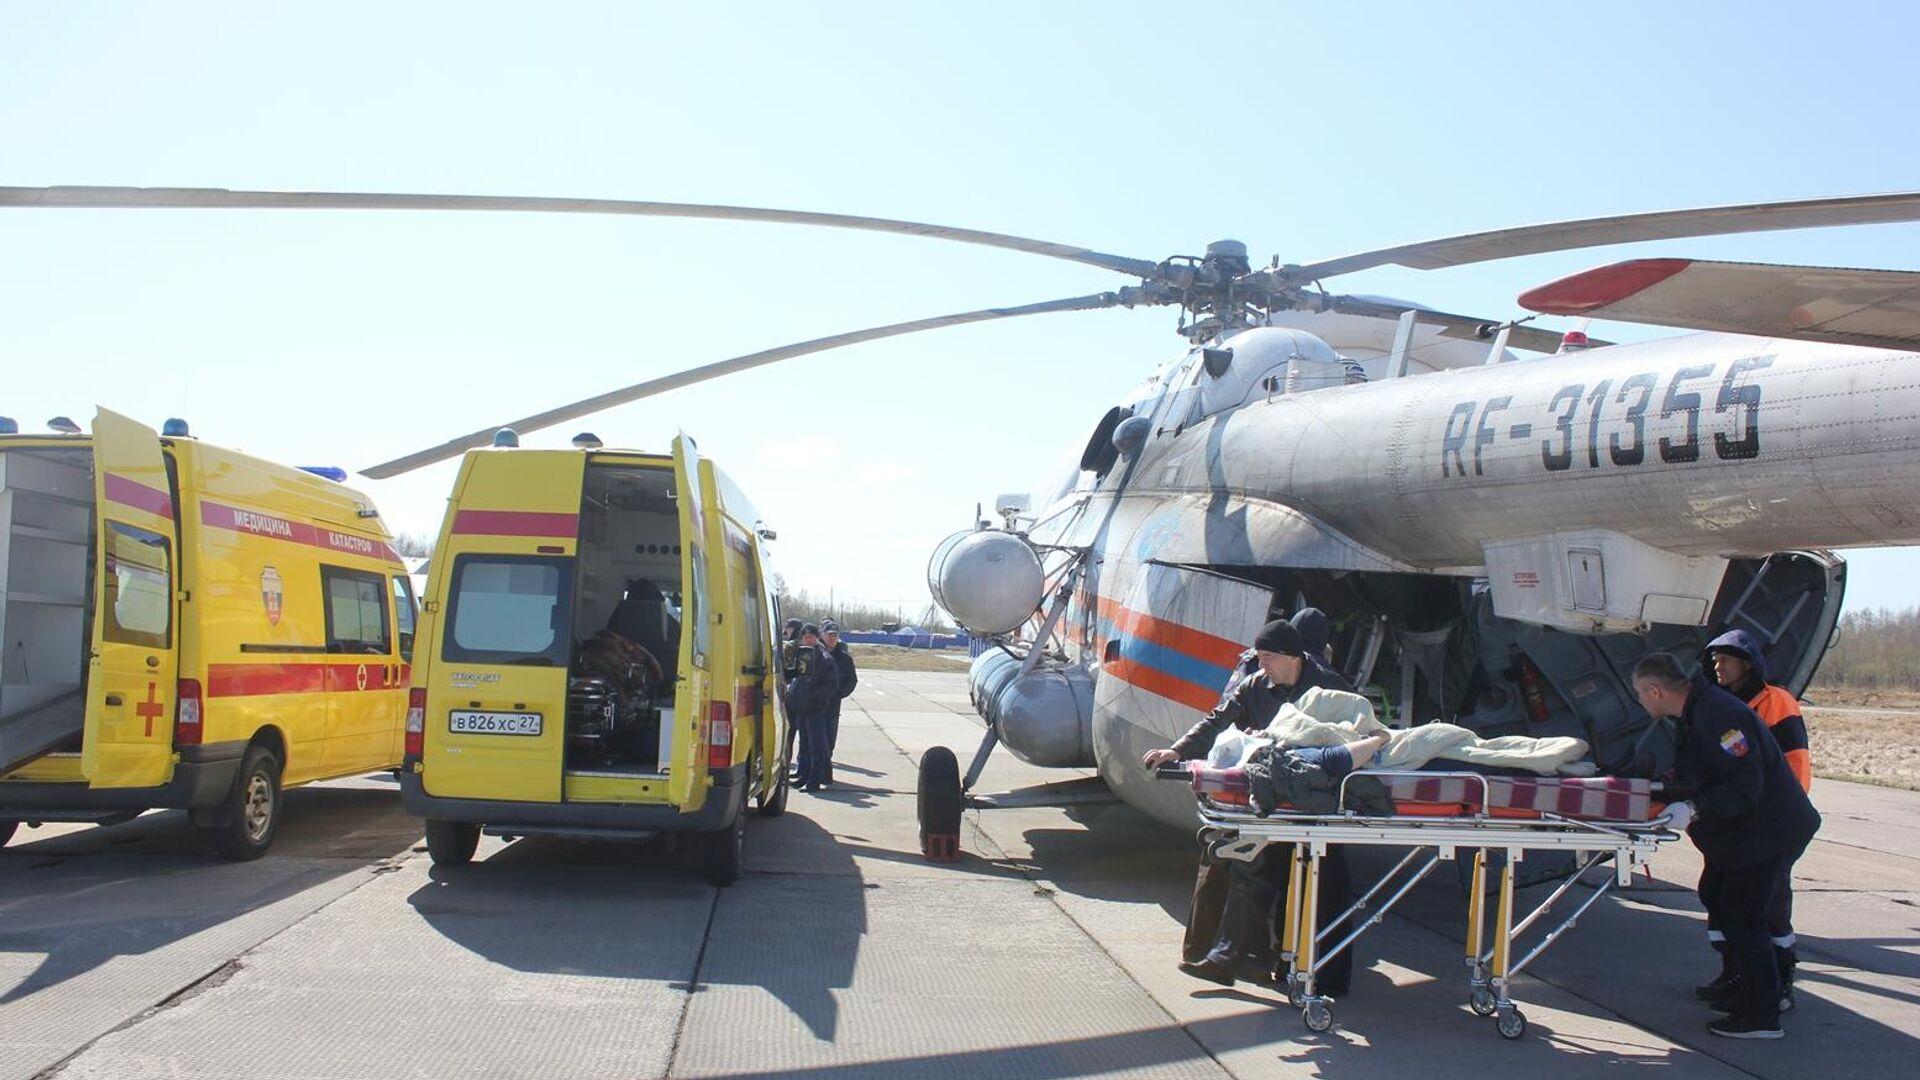 Вертолет МЧС России с пострадавшими в ДТП с пассажирским автобусом в Хабаровском крае - РИА Новости, 1920, 06.05.2021